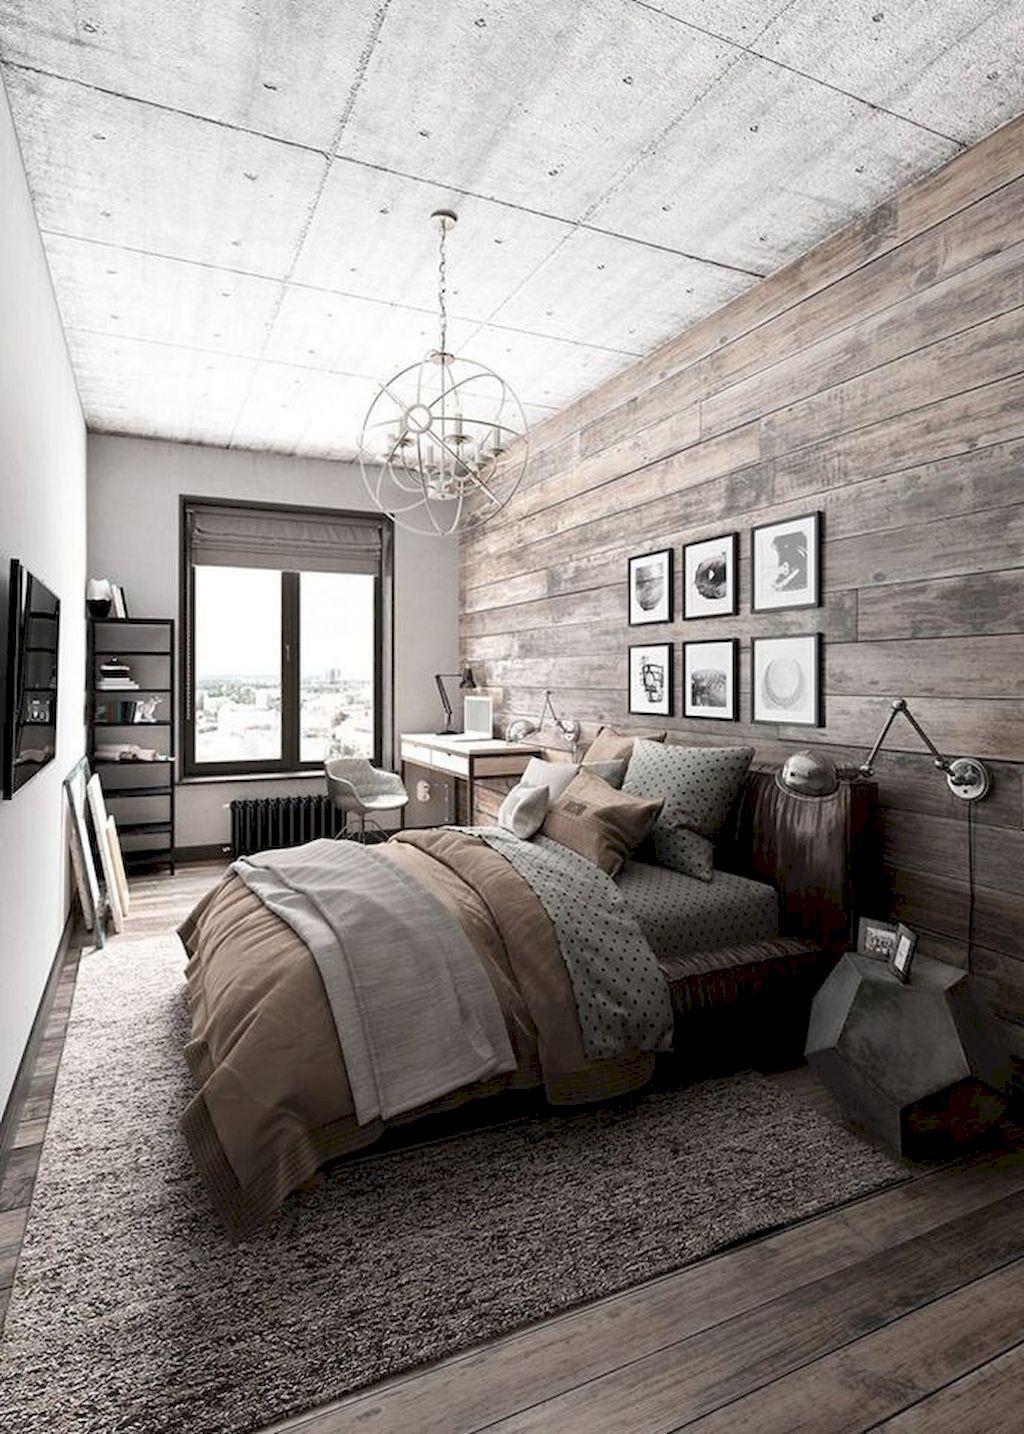 Master bedroom ideas  Pin by Aleta Shook on Master BedBath Ideas  Pinterest  Master